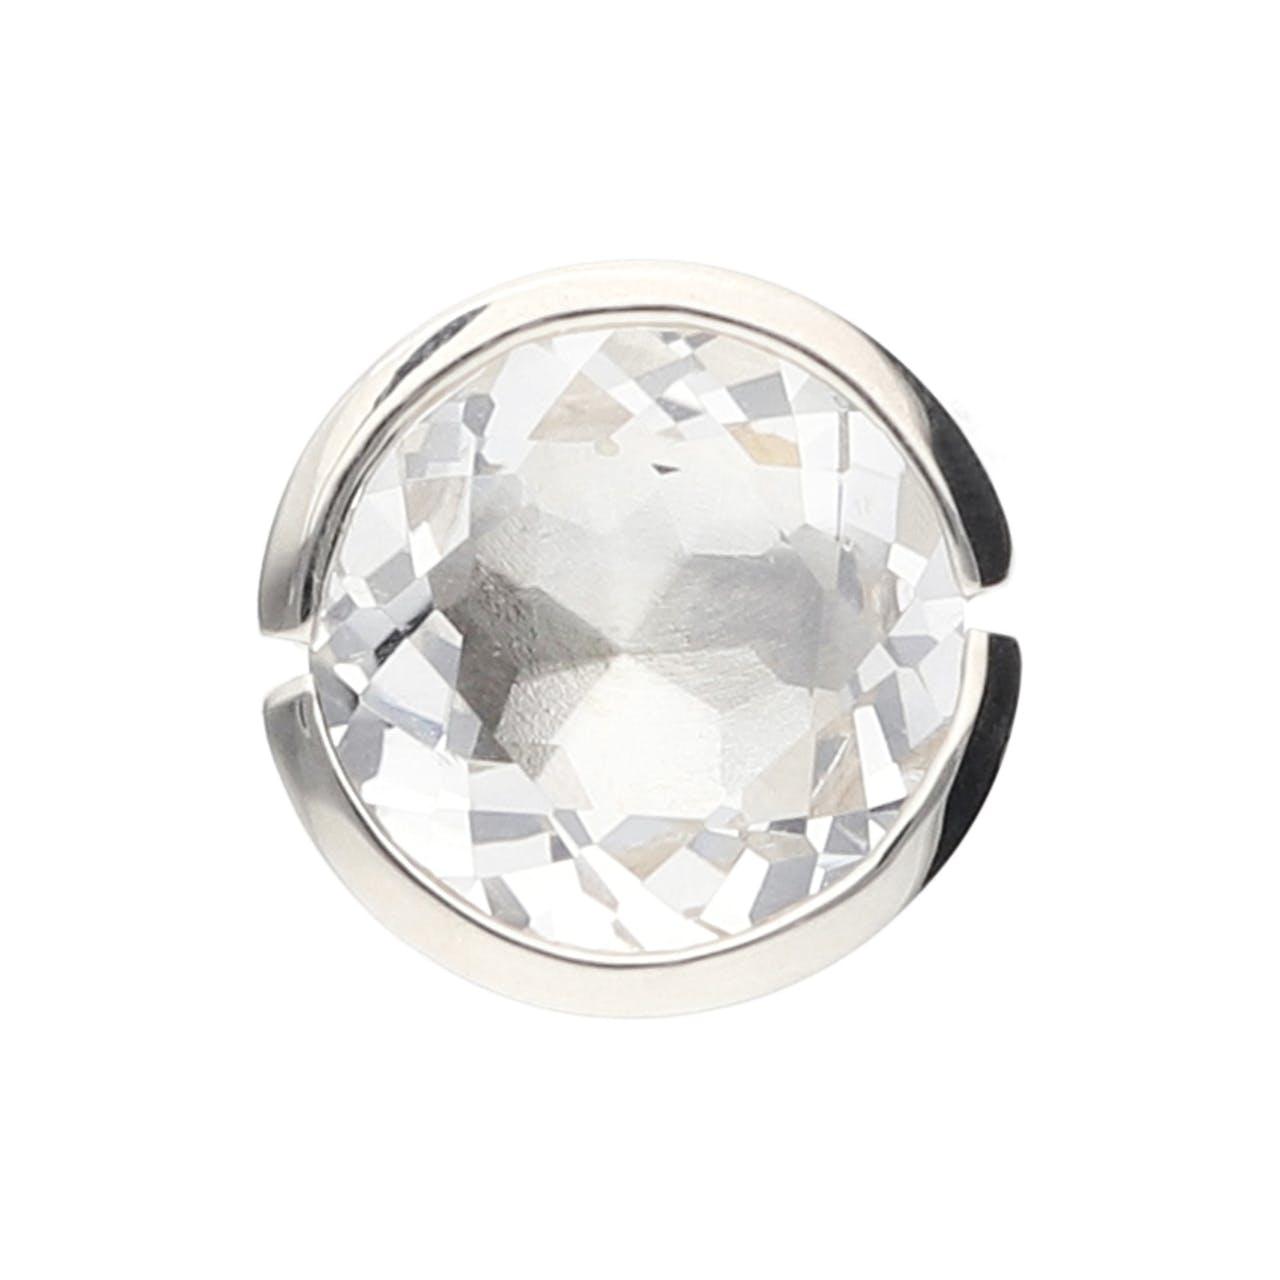 Sonderkopf Spannfassung Bergkristall rund